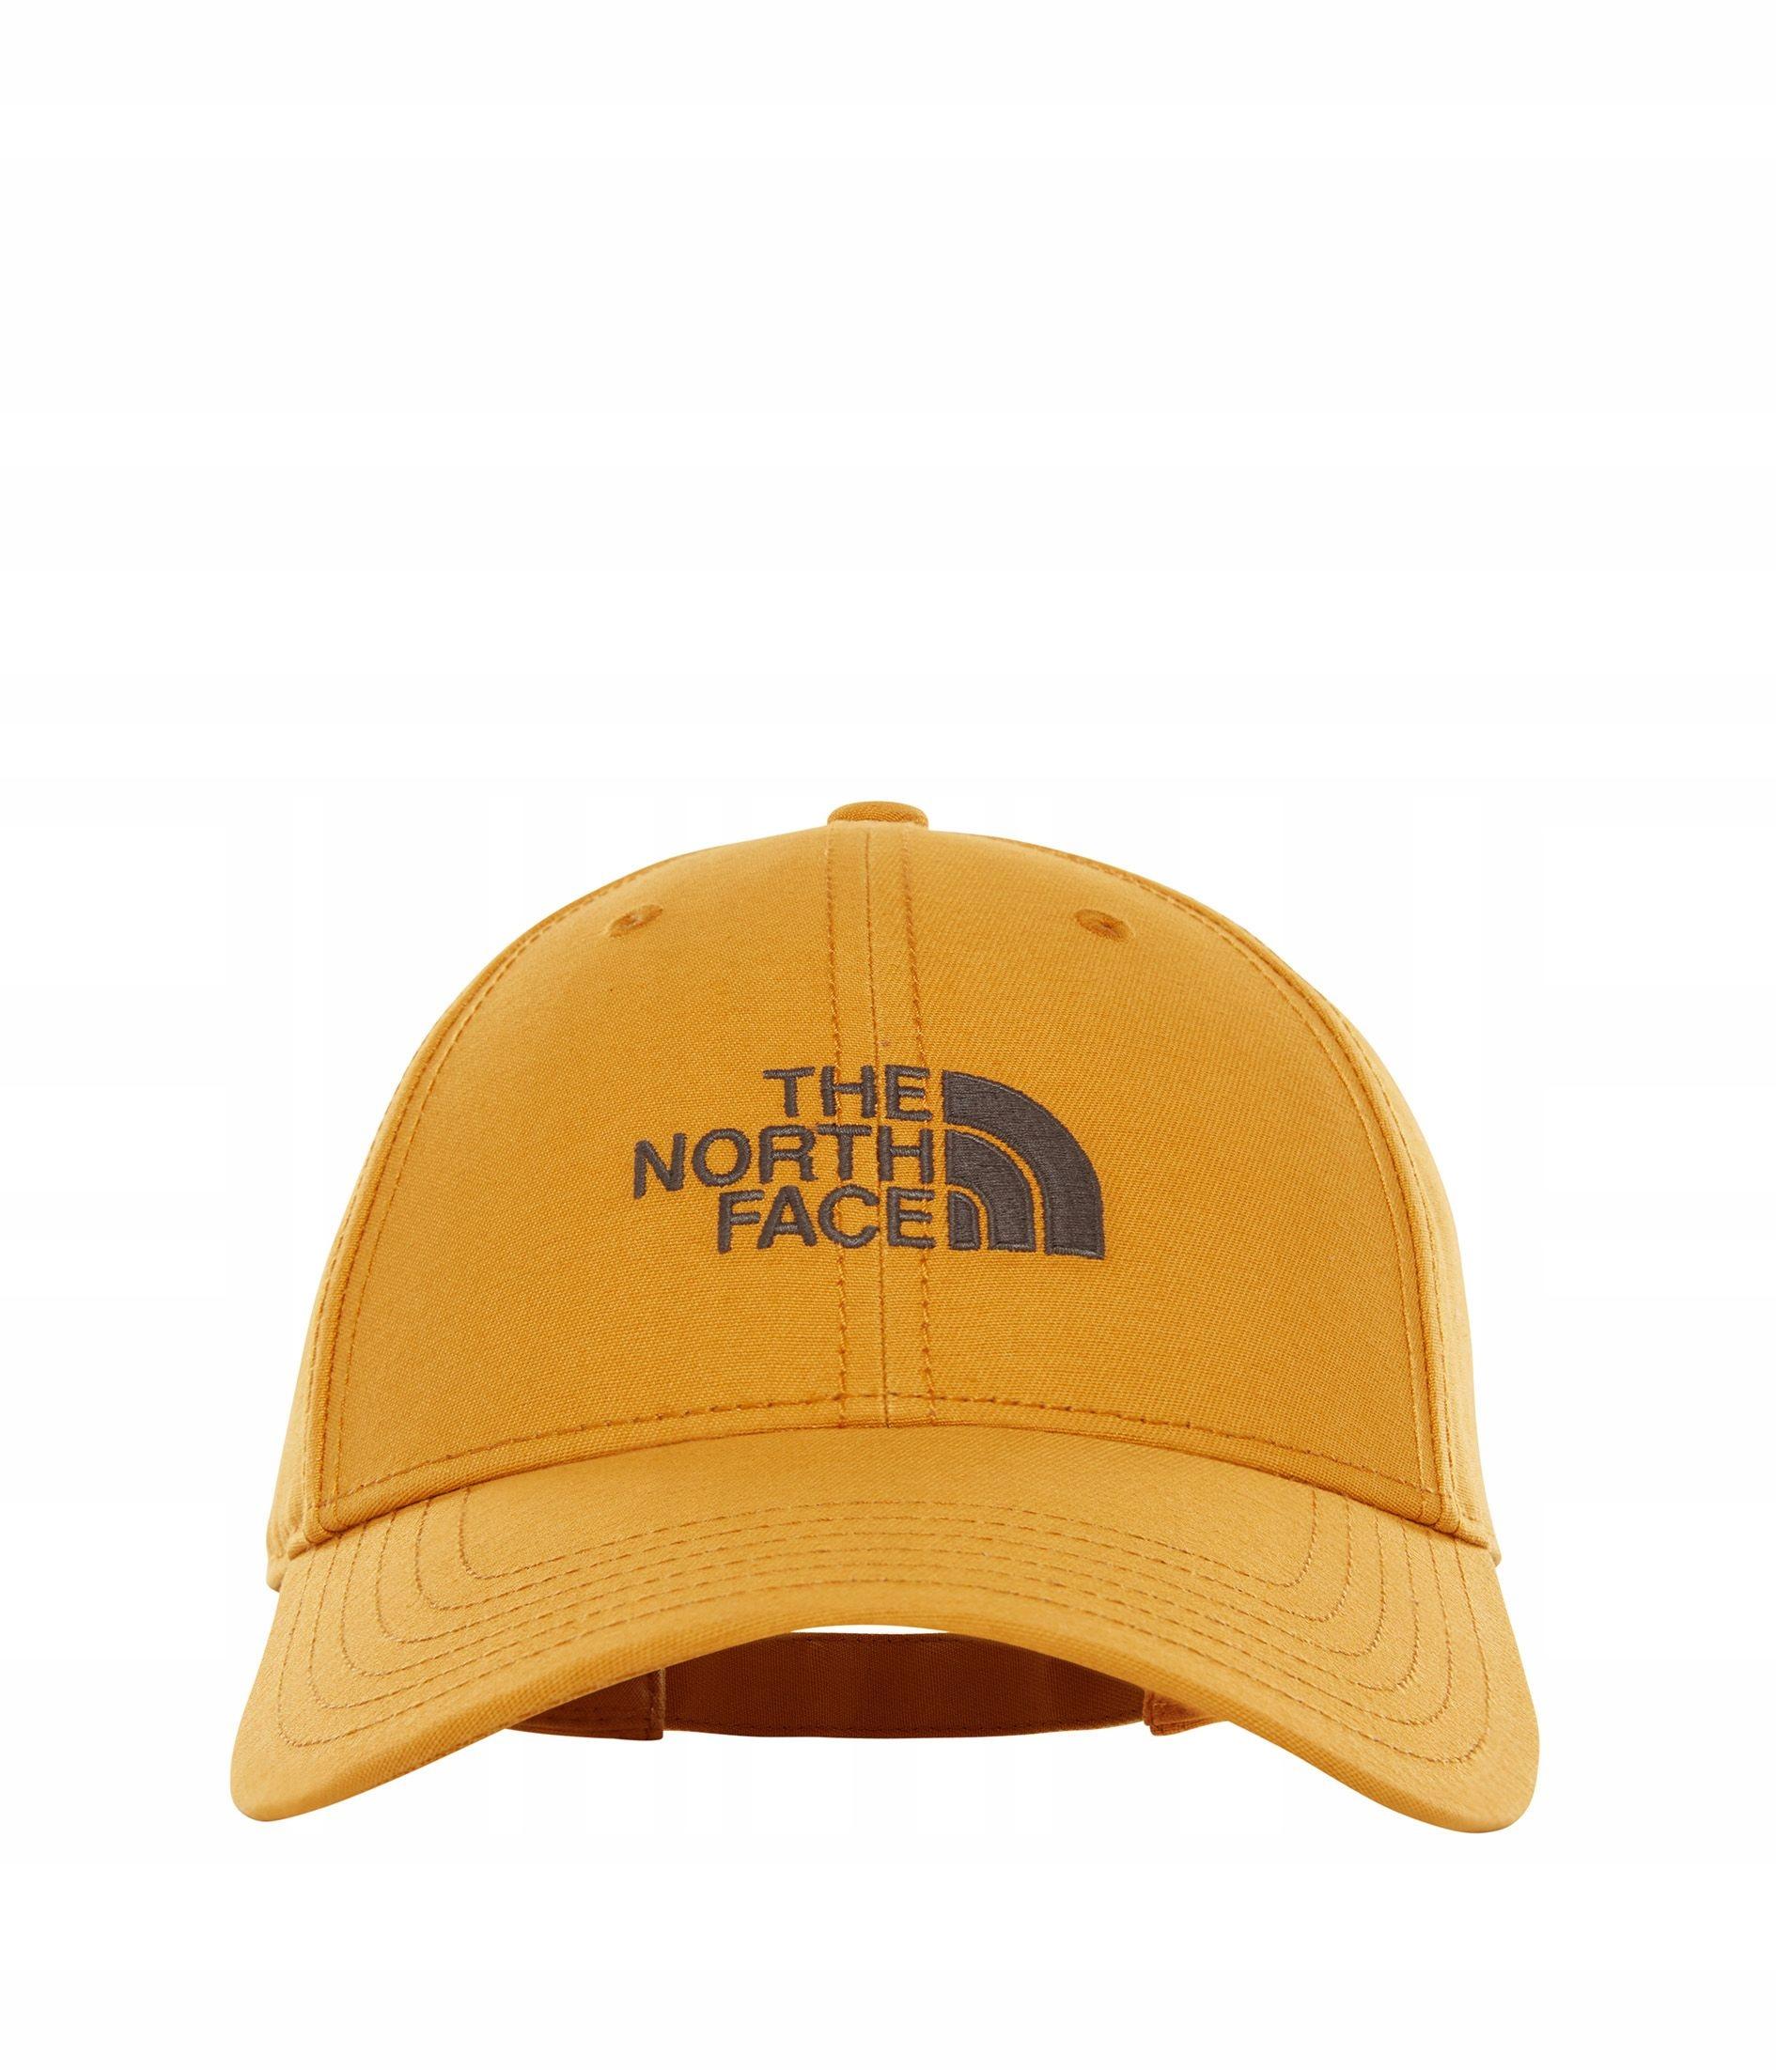 Czapka The North Face 66 CLASSIC HAT citrine yello